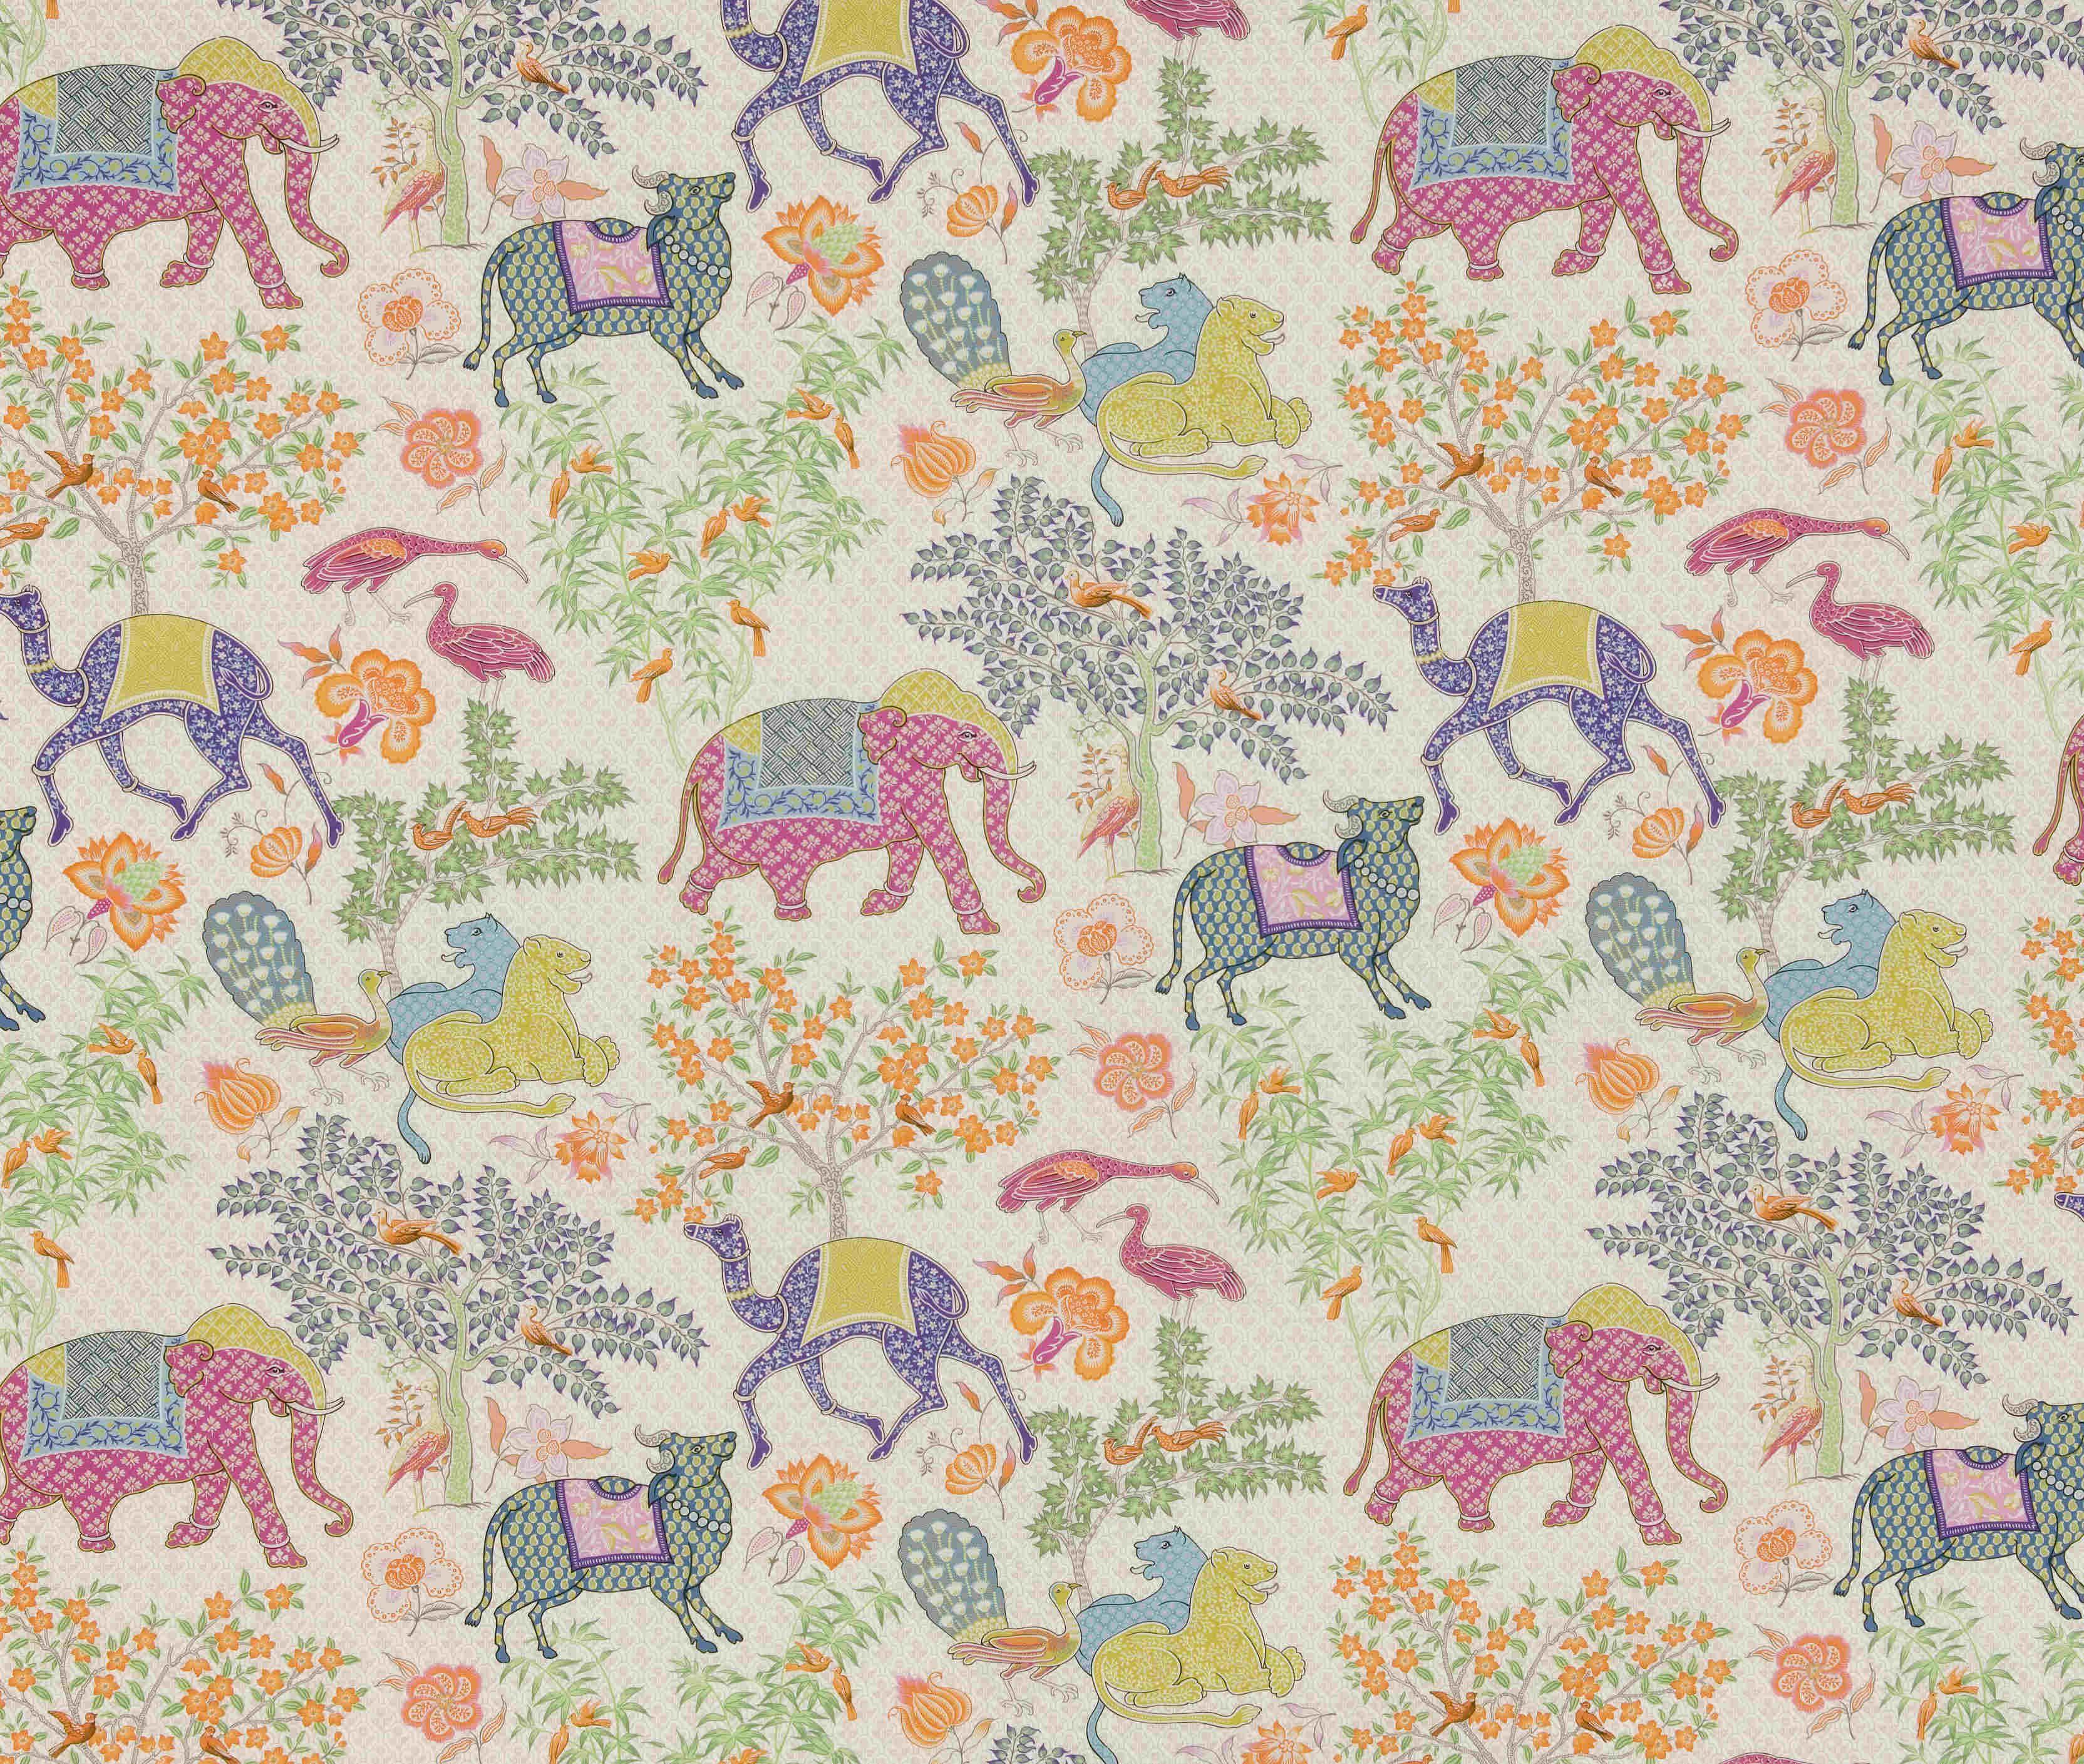 Tissus D Ameublement Pierre Frey Les Collections Ete 2013 Papier Peint Tissus Ameublement Et Idees De Papier Peint